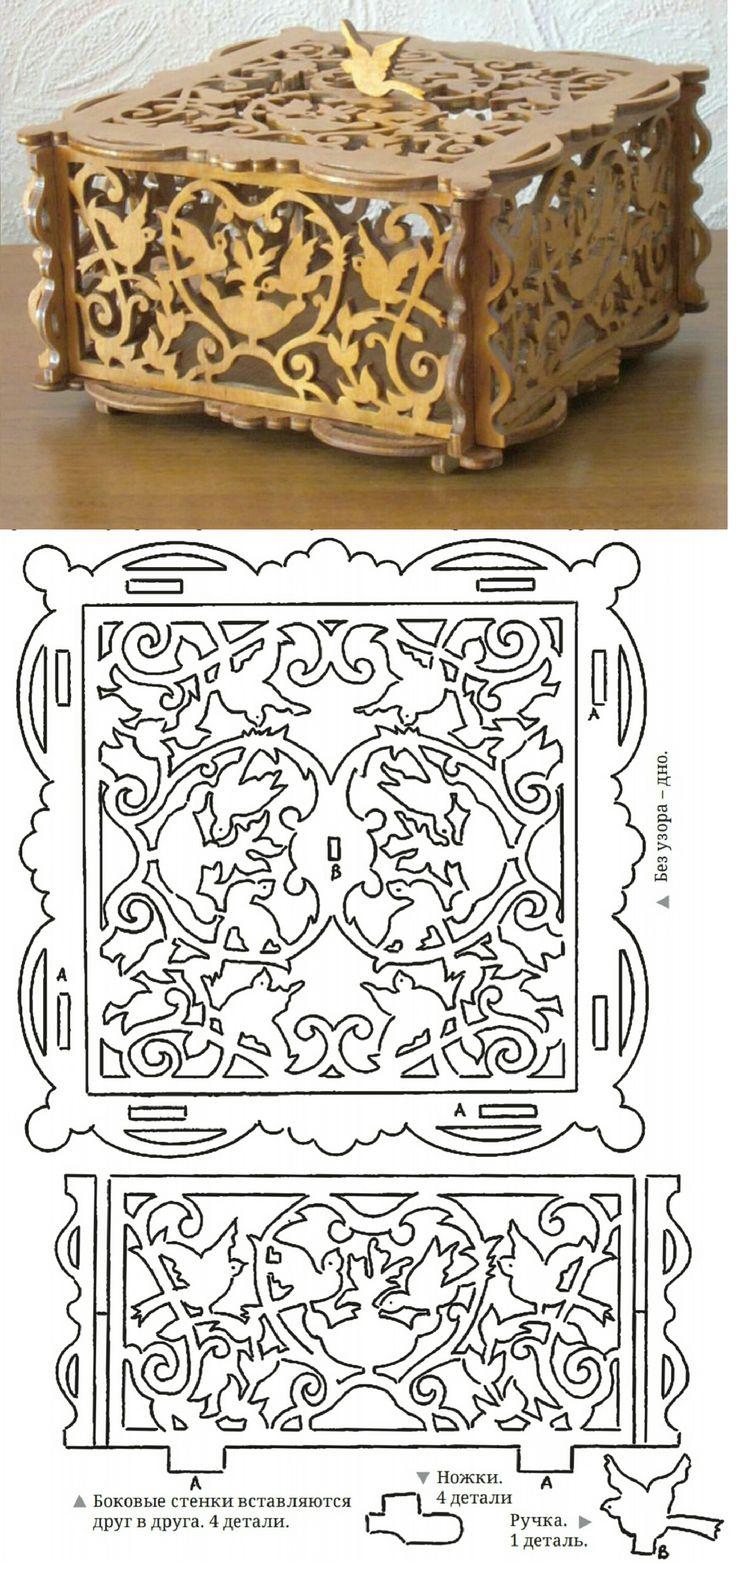 Шкатулки из фанеры своими руками лобзиком чертежи